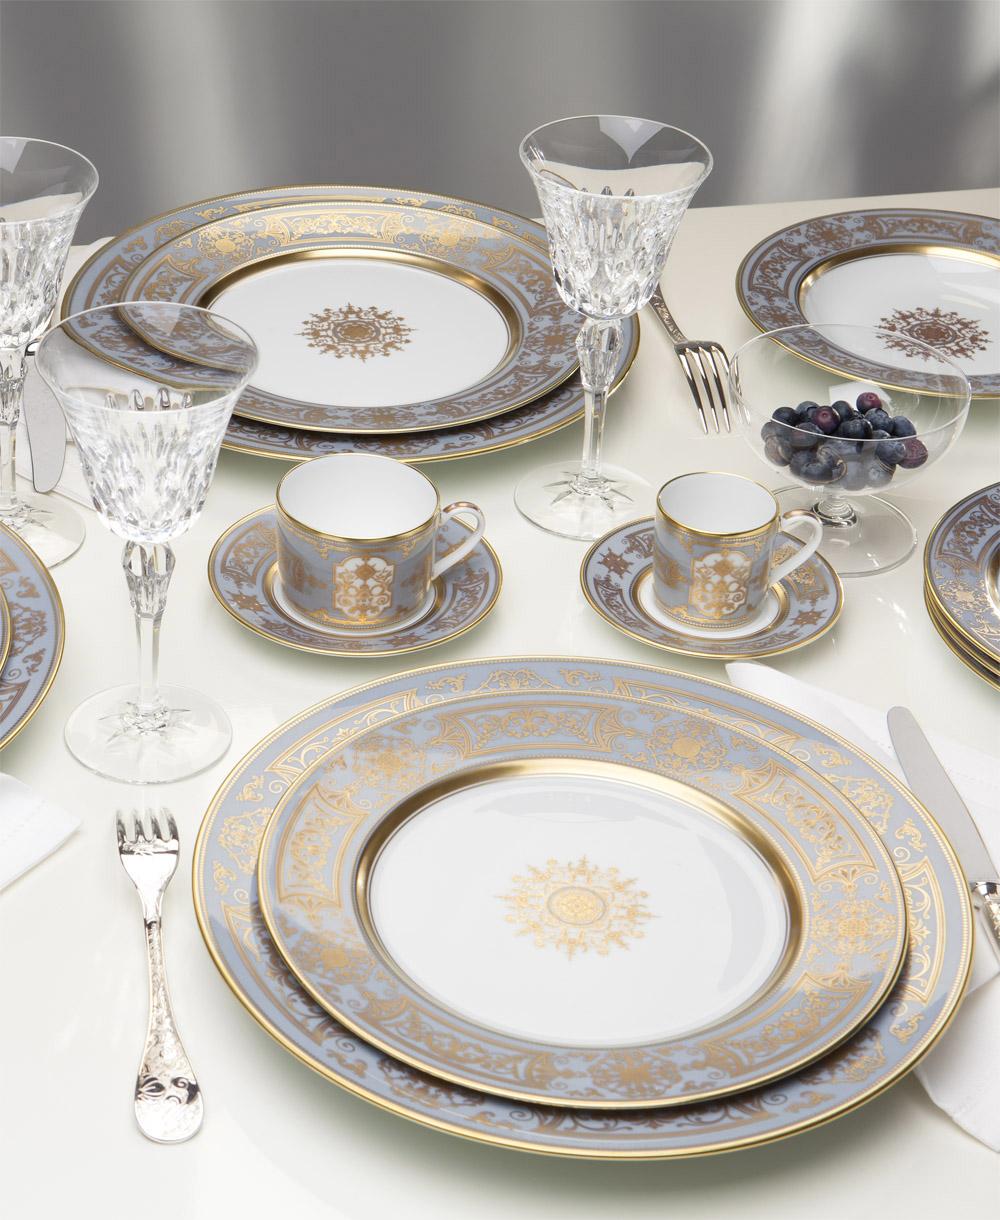 Bernardaud - Aux Rois Flanelle, servizio in porcellana creato nello stile del Re Luigi Filippo